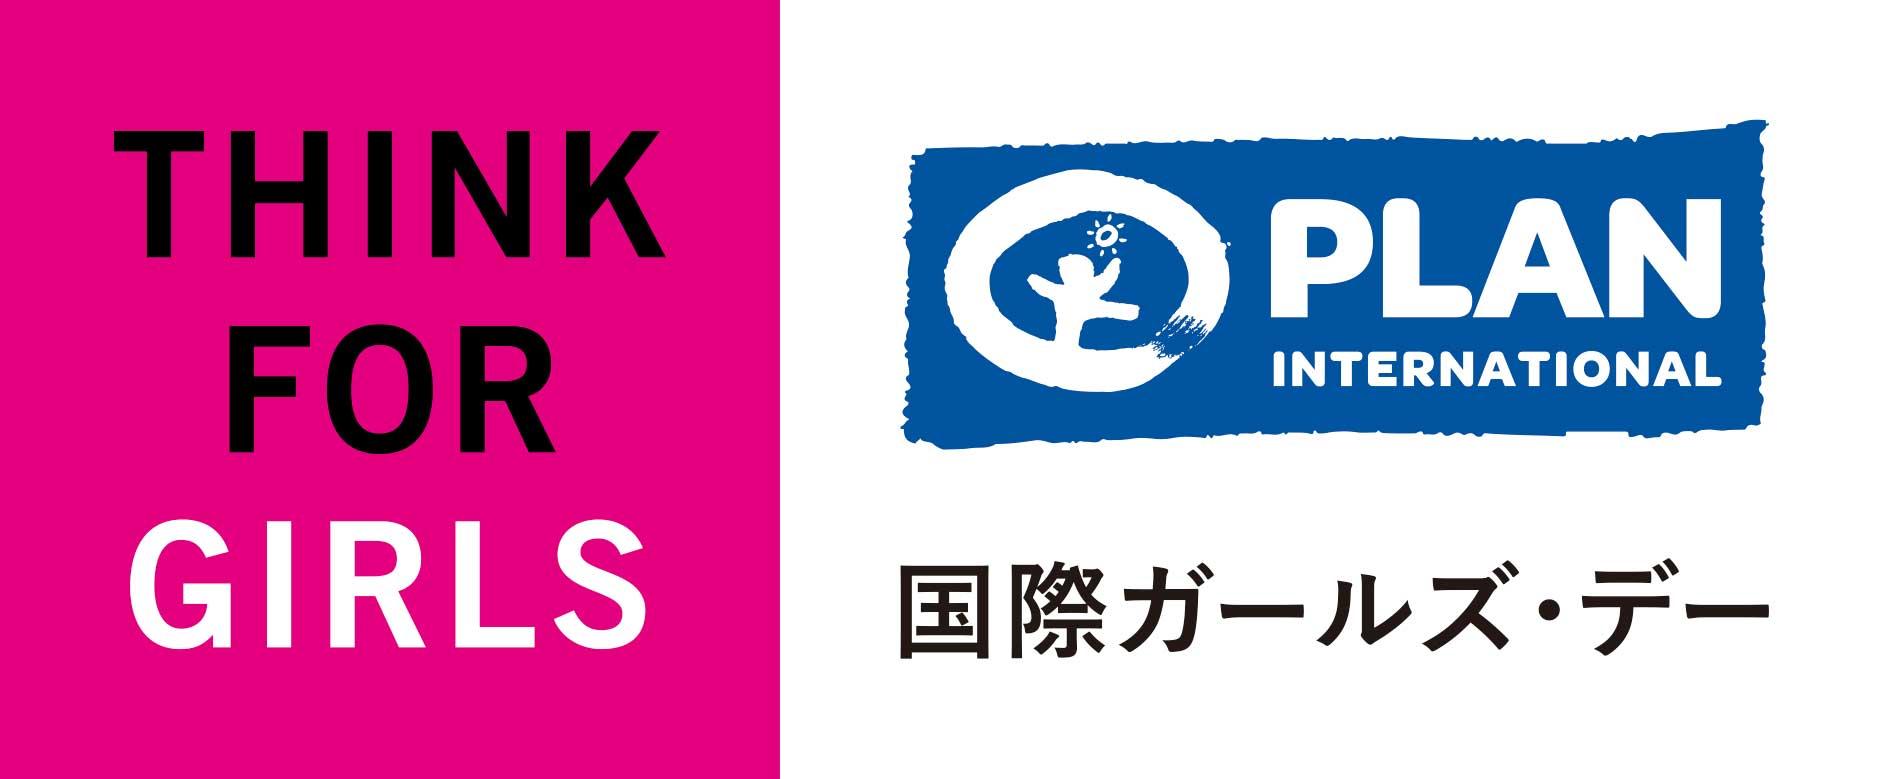 国際NGOプラン・インターナショナル スプツニ子!氏×大崎麻子氏トークイベントをライブ配信( 2020/10/7 19:00~)